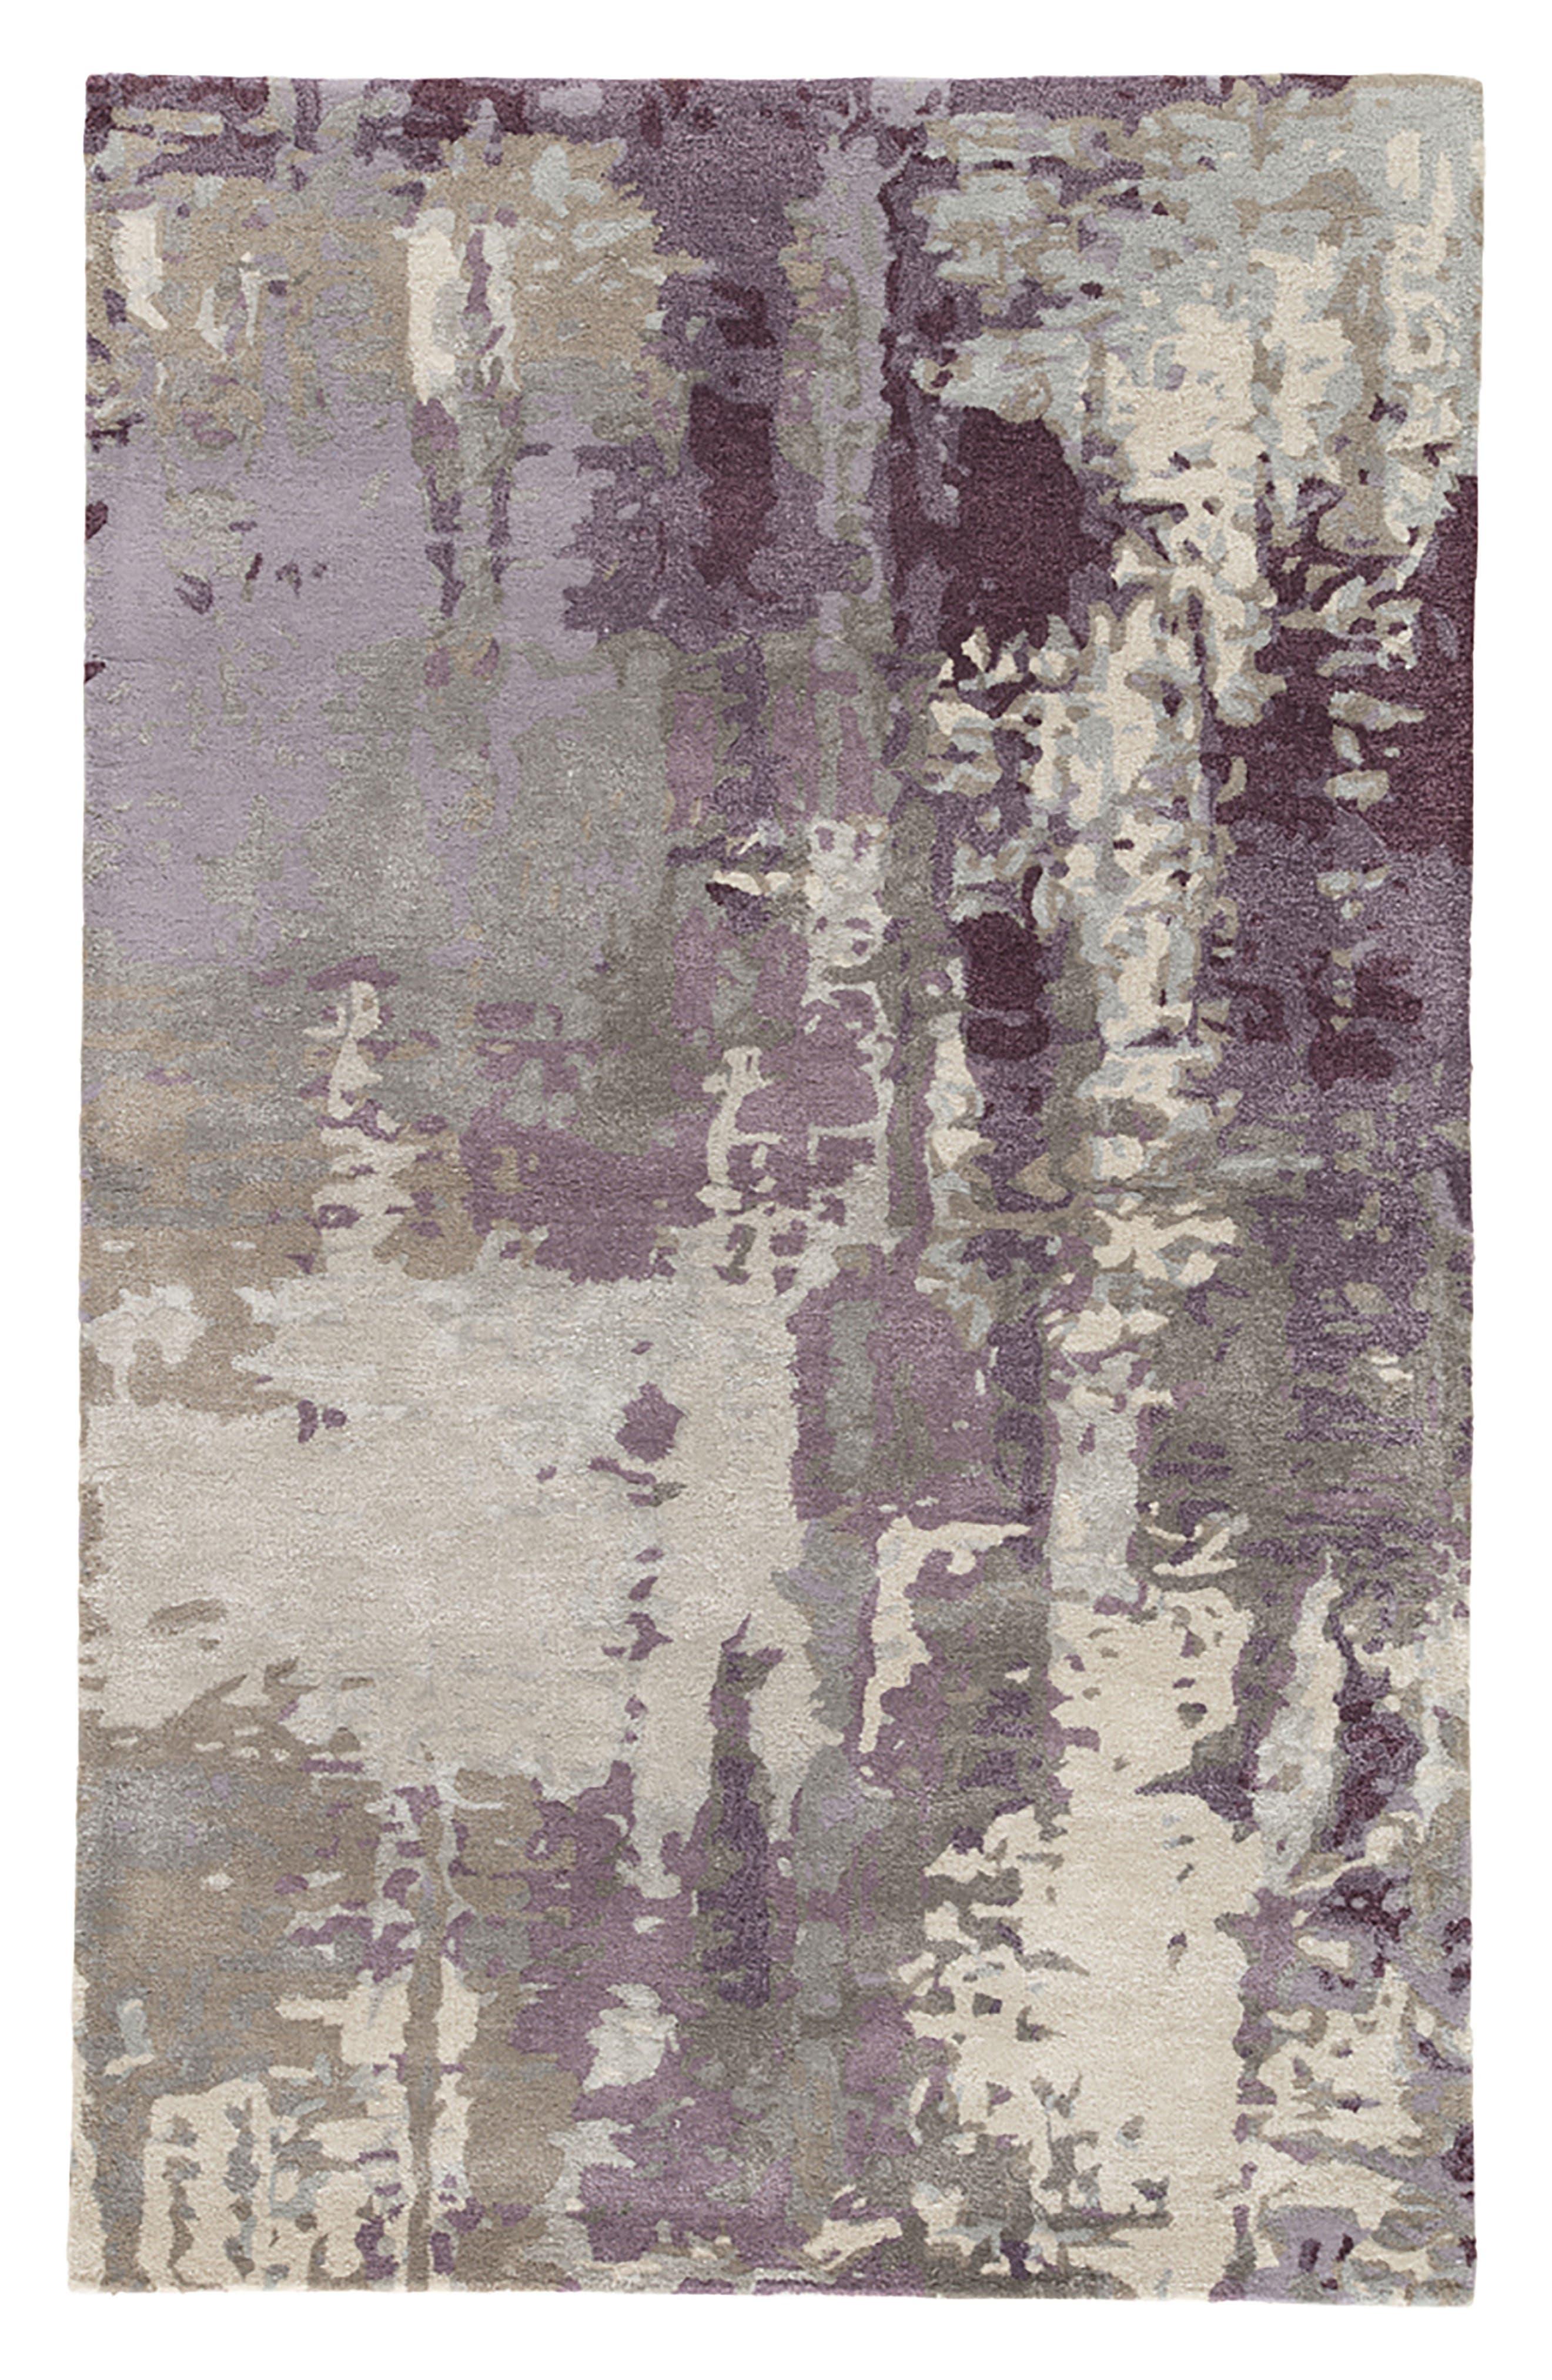 Genesis - Matcha Hand Tufted Rug,                             Main thumbnail 1, color,                             020